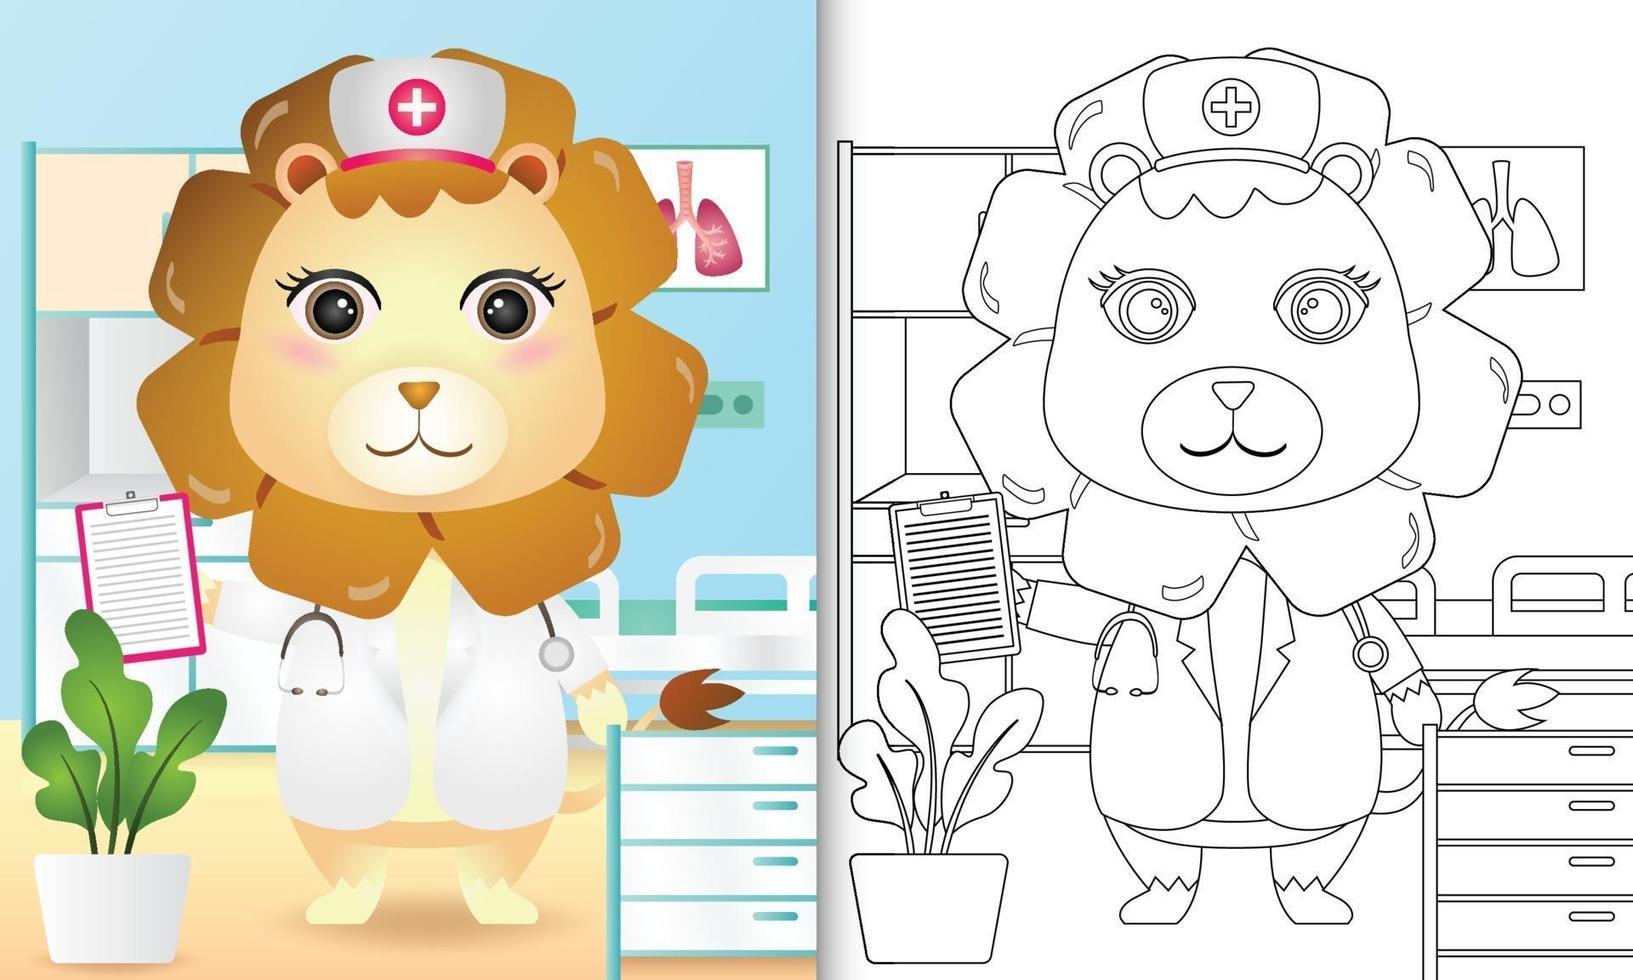 libro para colorear para niños con una linda ilustración de personaje de enfermera león vector